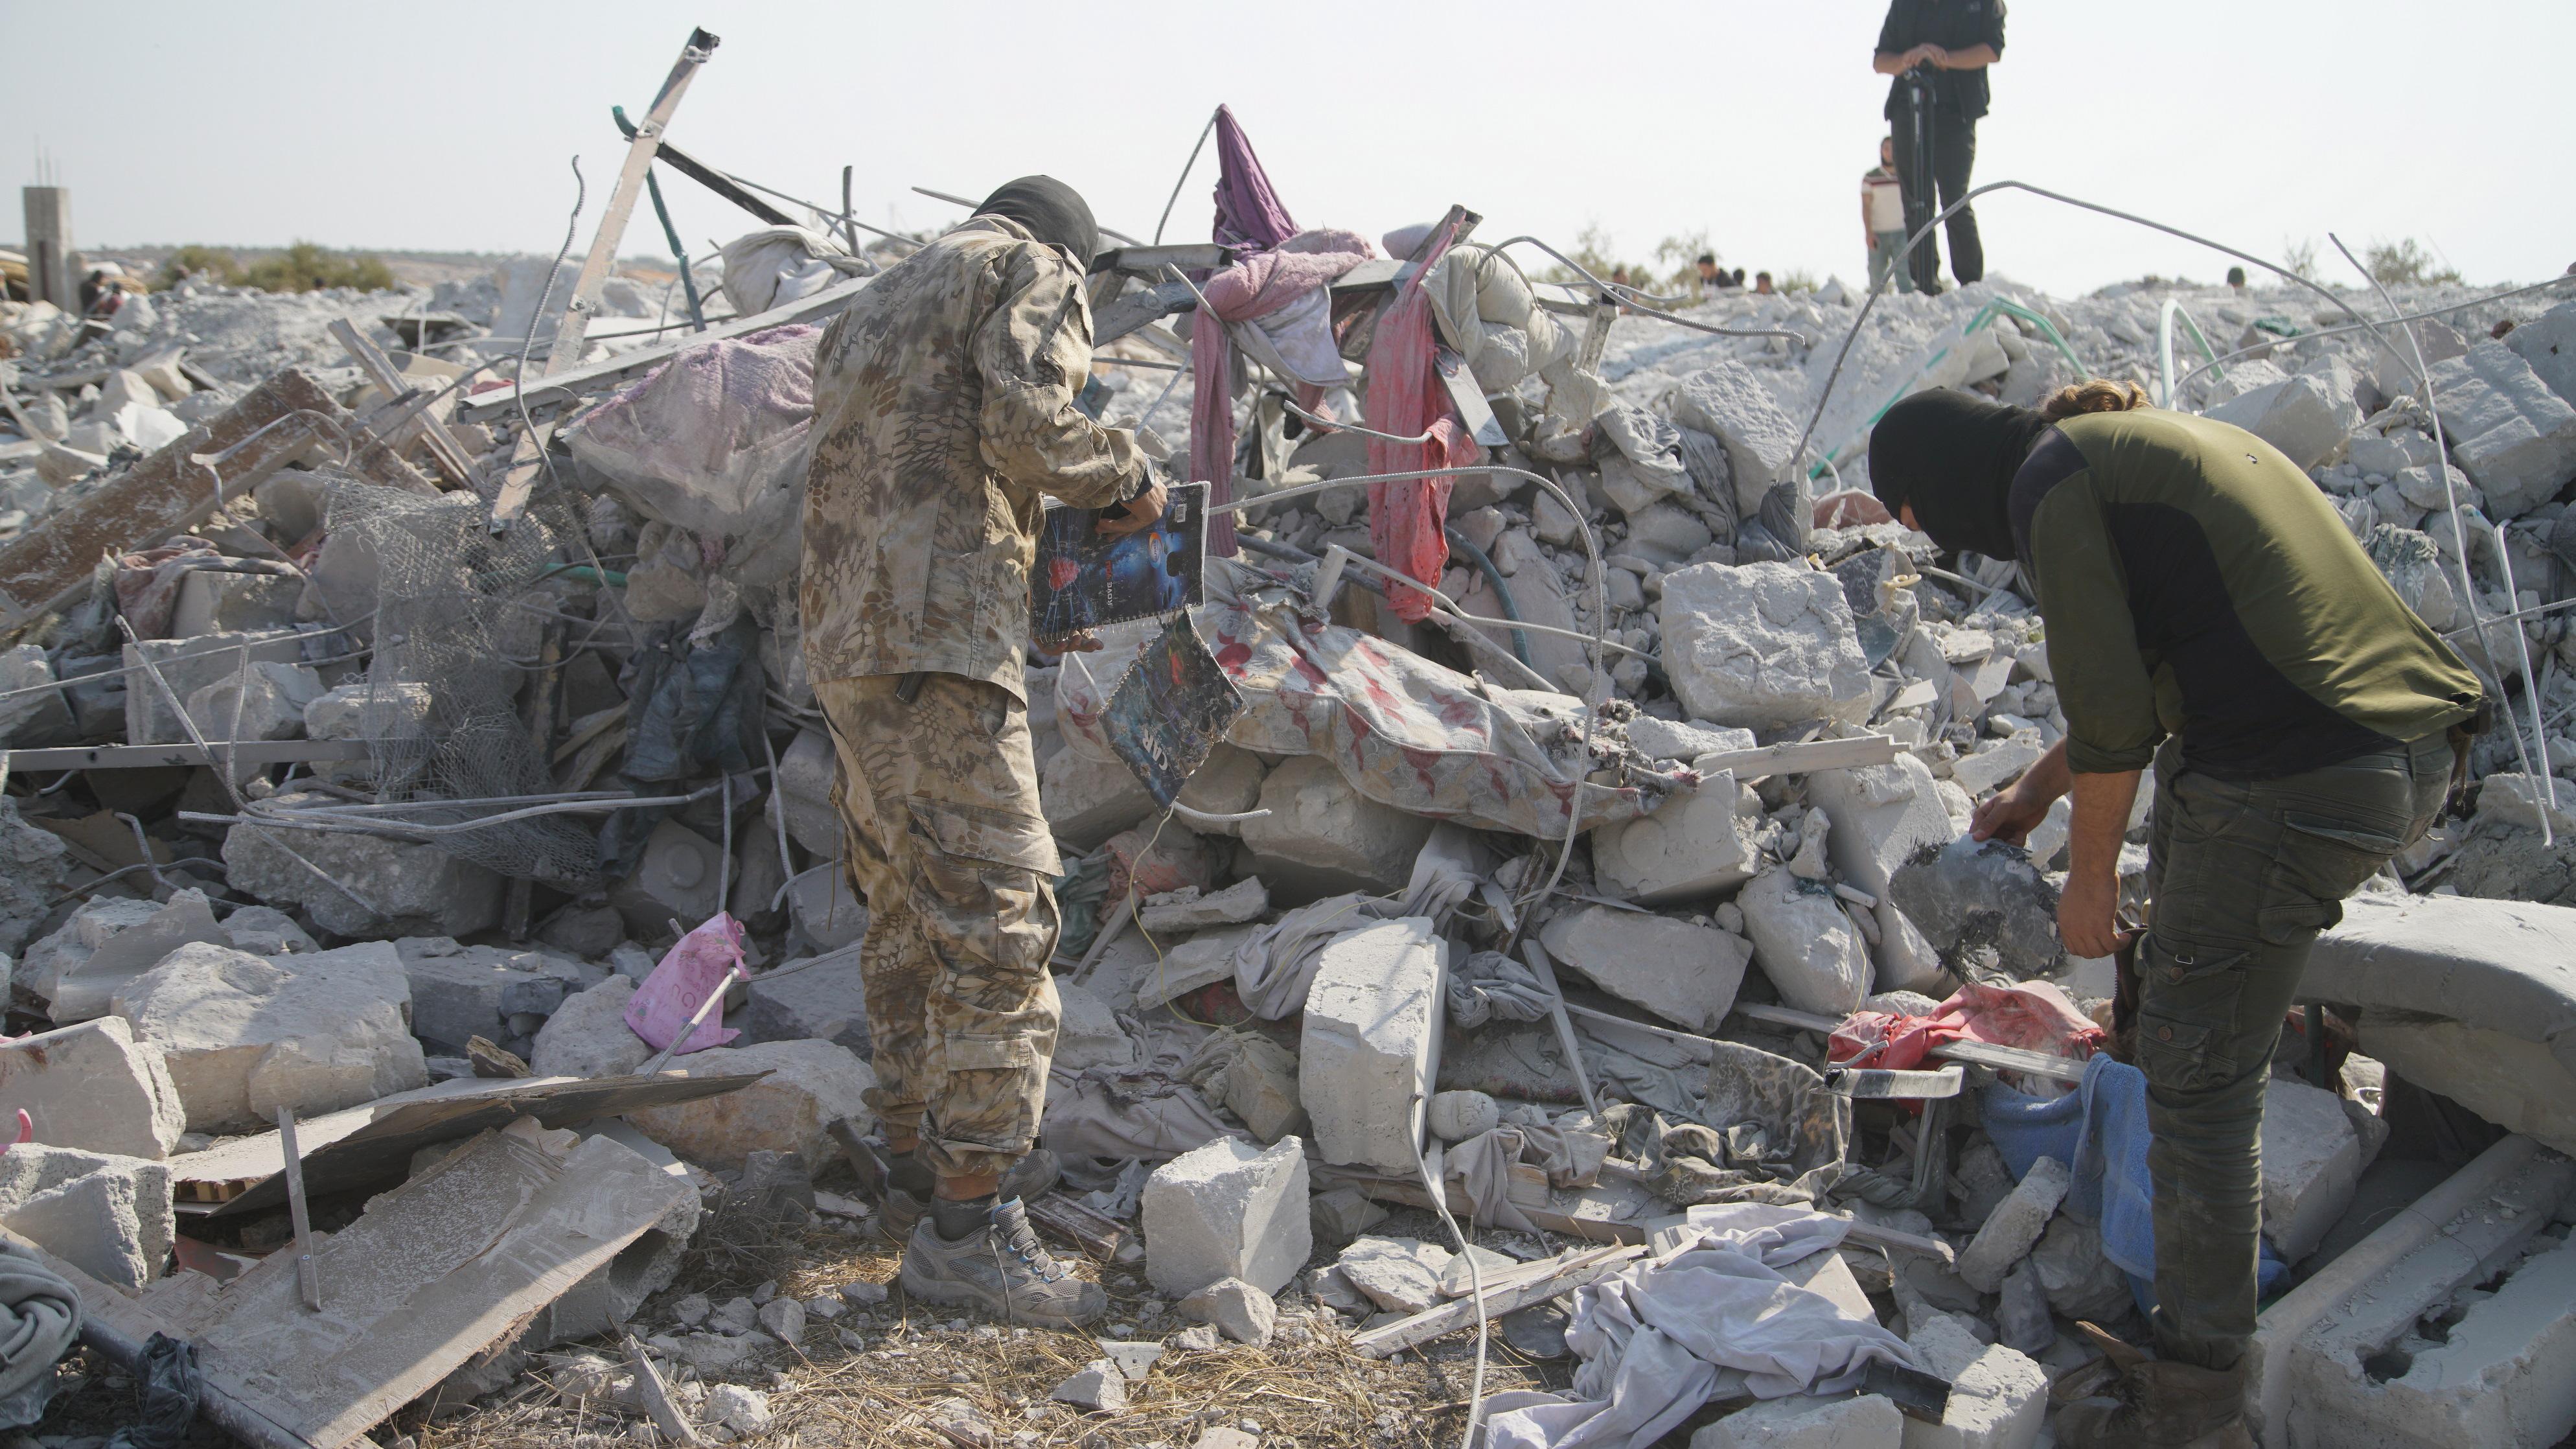 """На снимките: Хора обикалят около развалините на разрушените сгради на мястото, което беше обстреляно в неделя. Според съобщения загинали са девет души, включително Абу Бейкър Ал Багдади - лидерът на """"Ислямска държава"""". Кадрите са заснети близо до село Бариша, провинция Идлиб, Сирия, 27 октомври 2019 г. (издаден на 28 октомври 2019 г.)"""